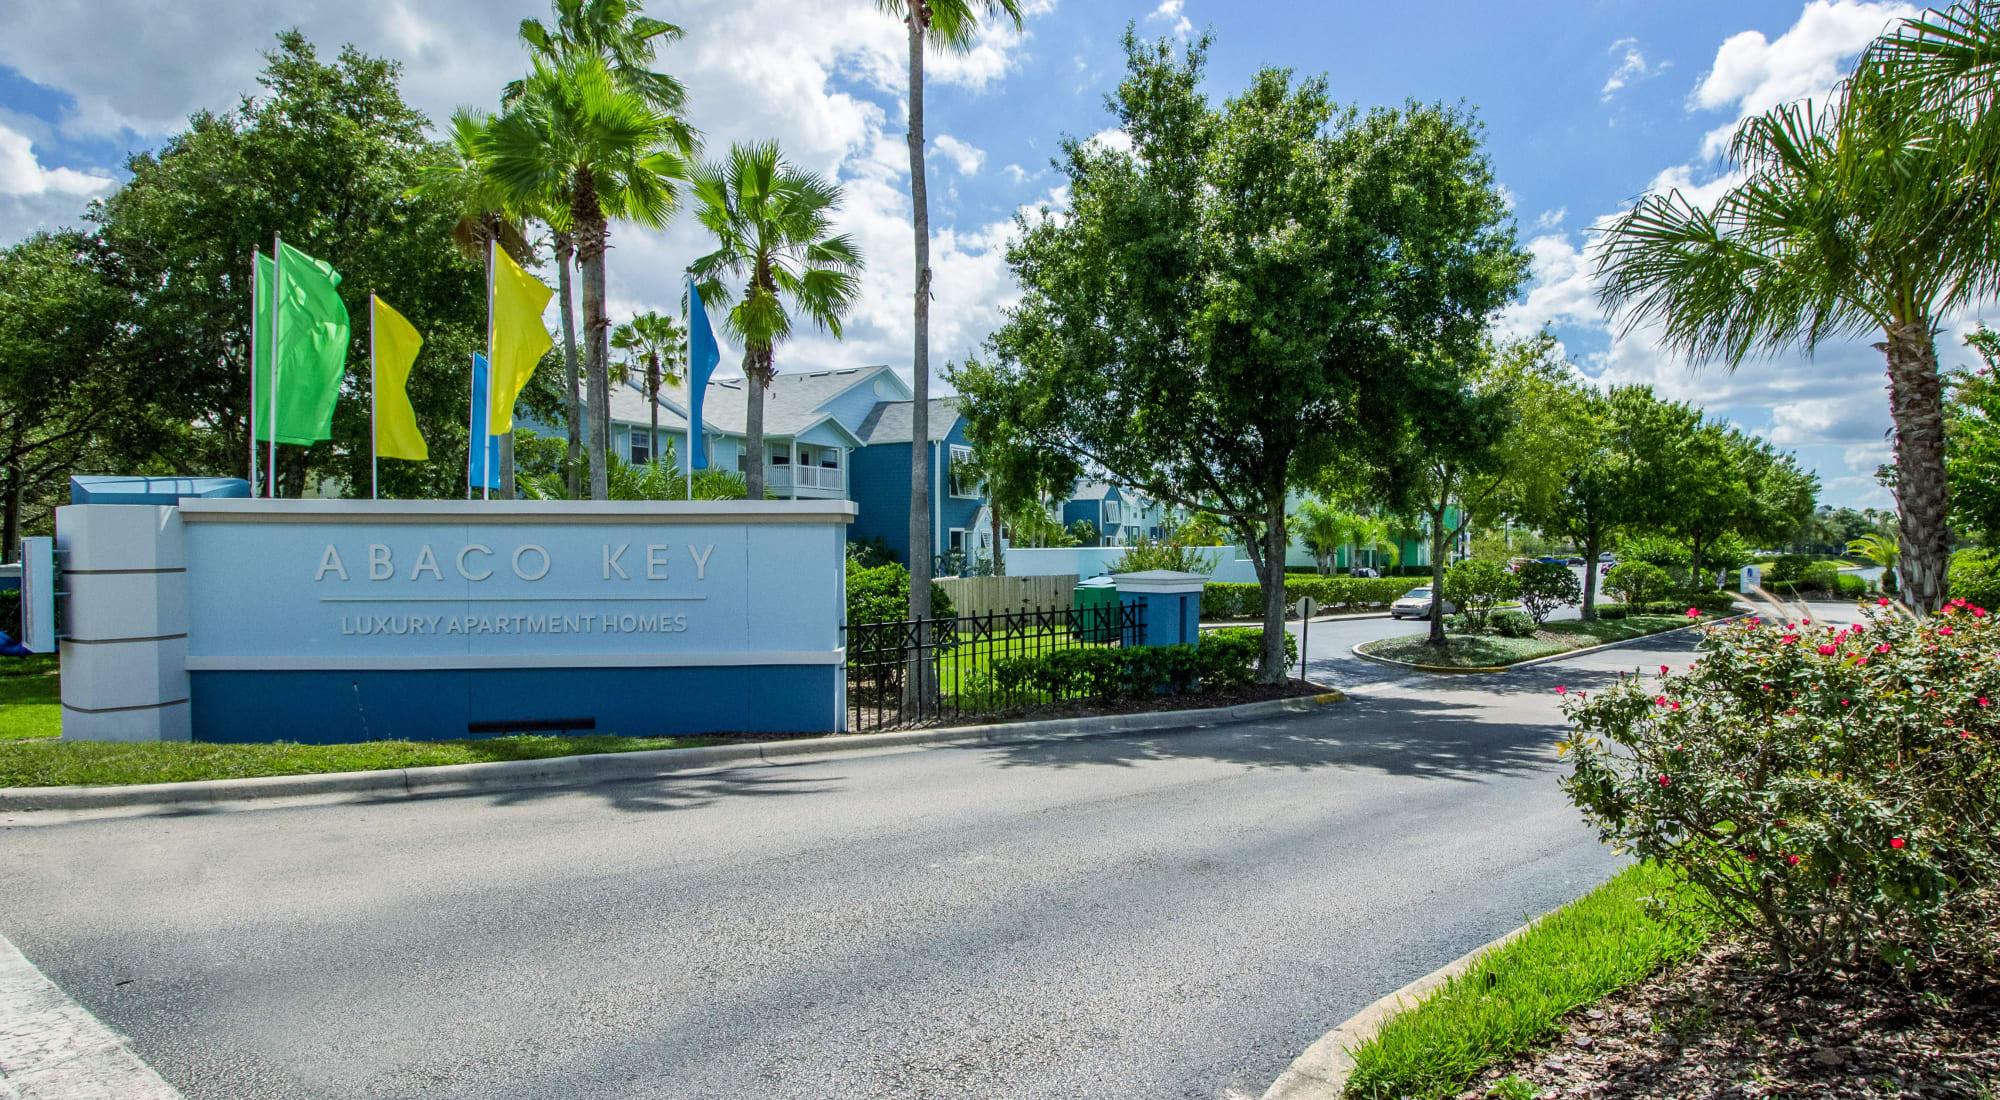 Contact us at Abaco Key in Orlando, Florida